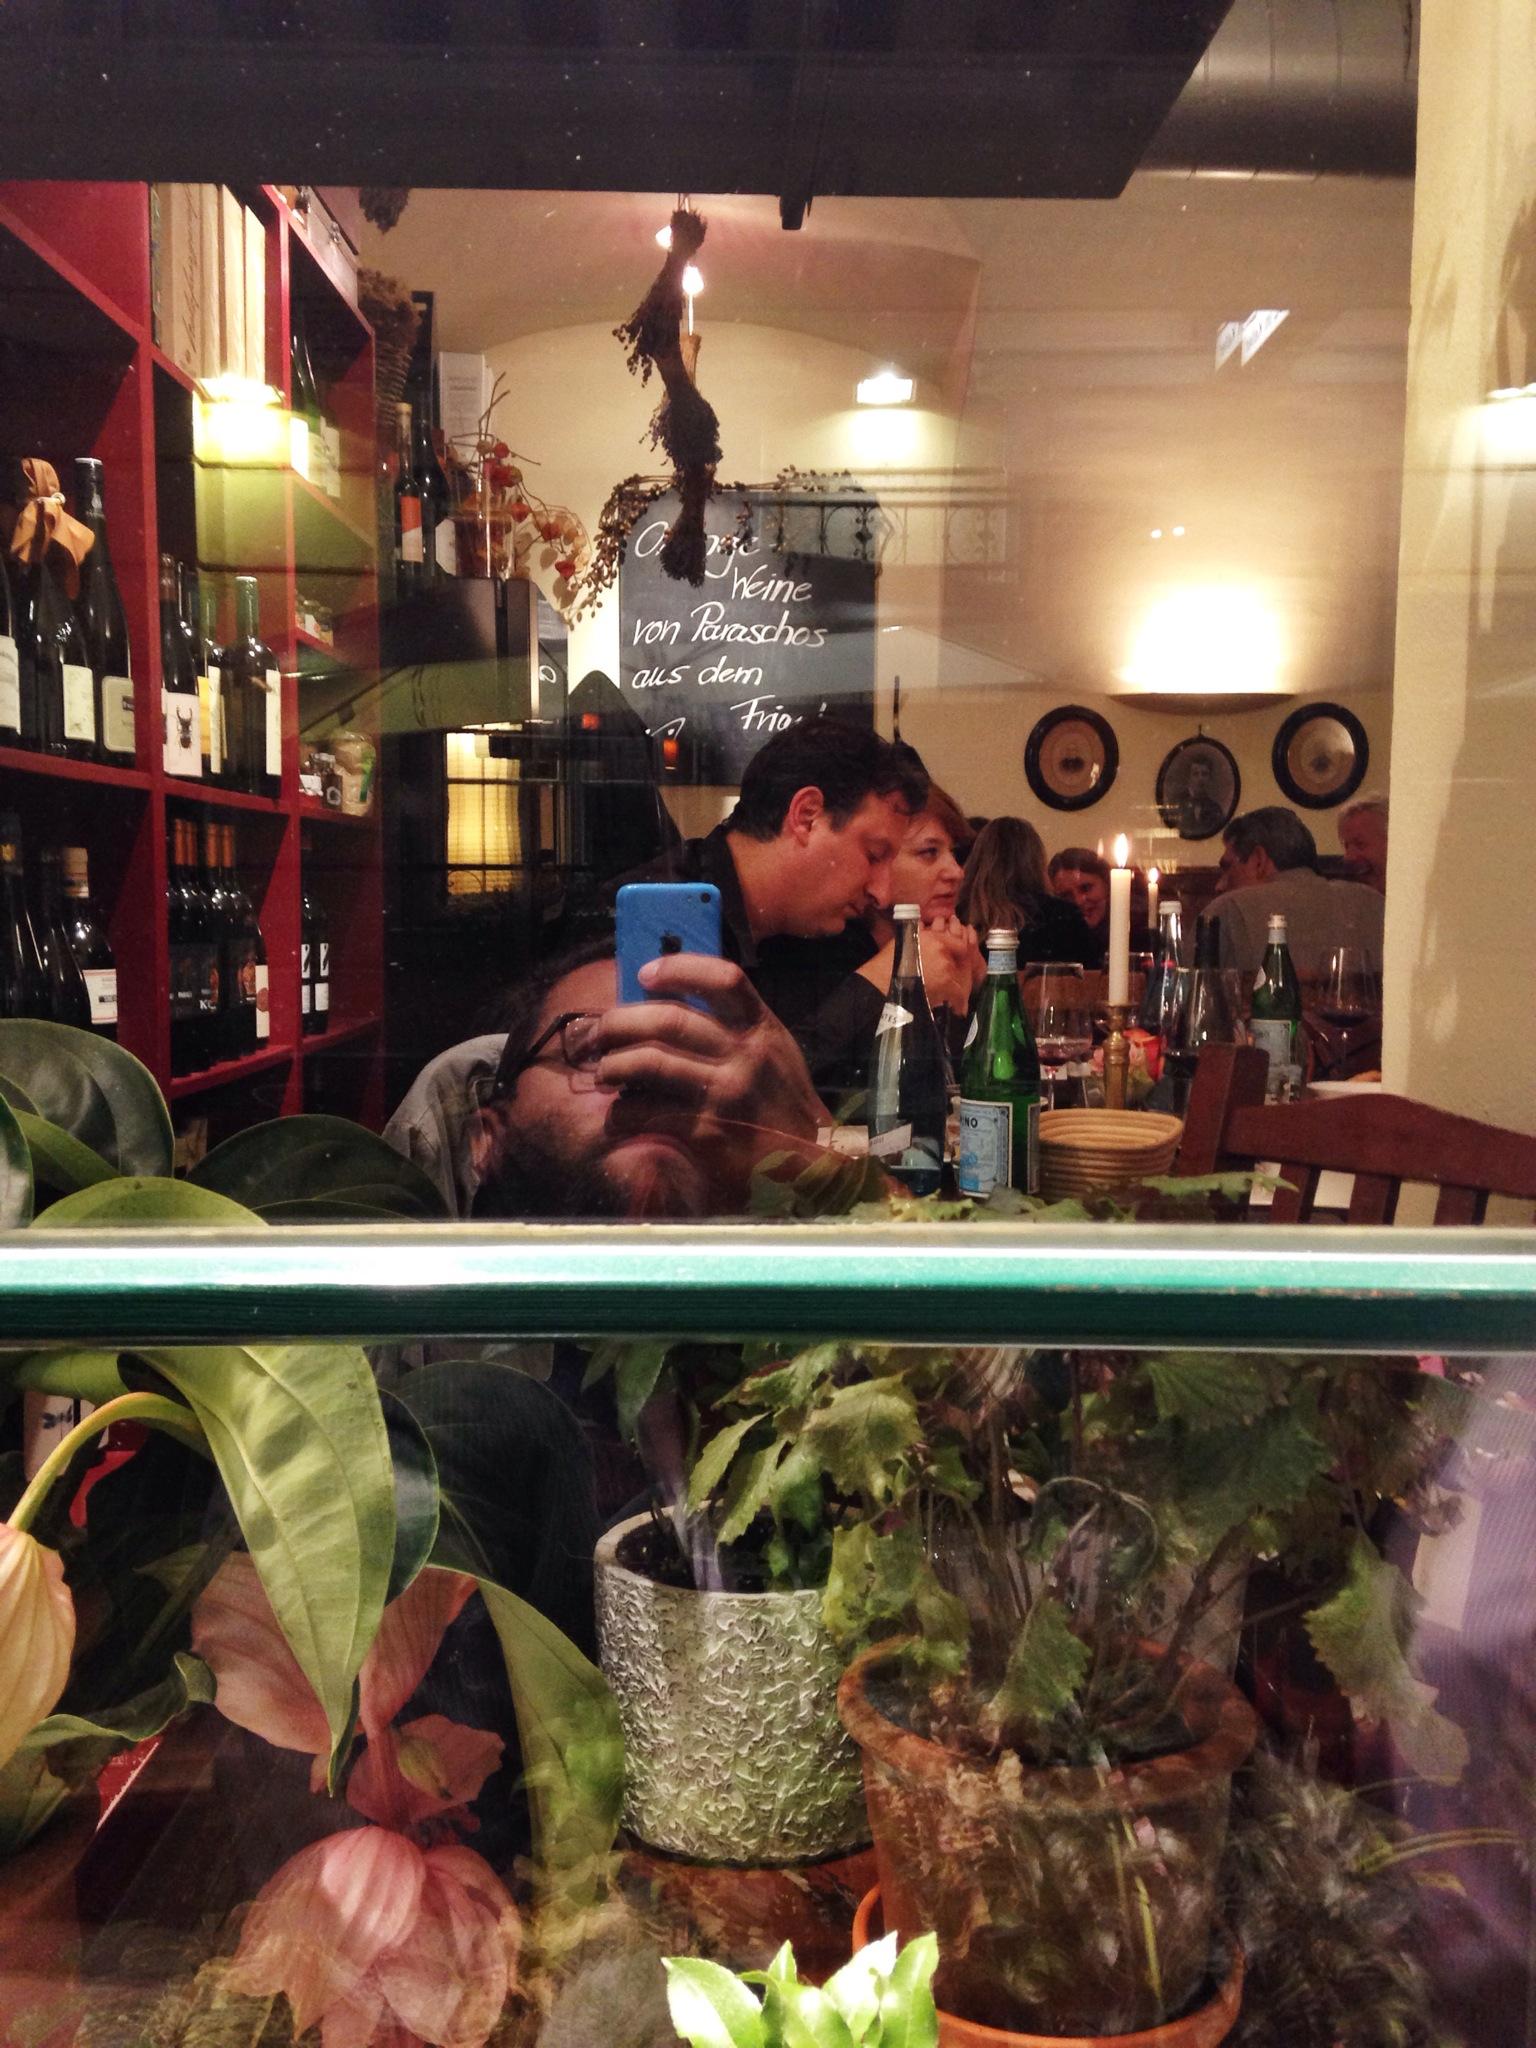 Weinbotschaft restaurant, Viena